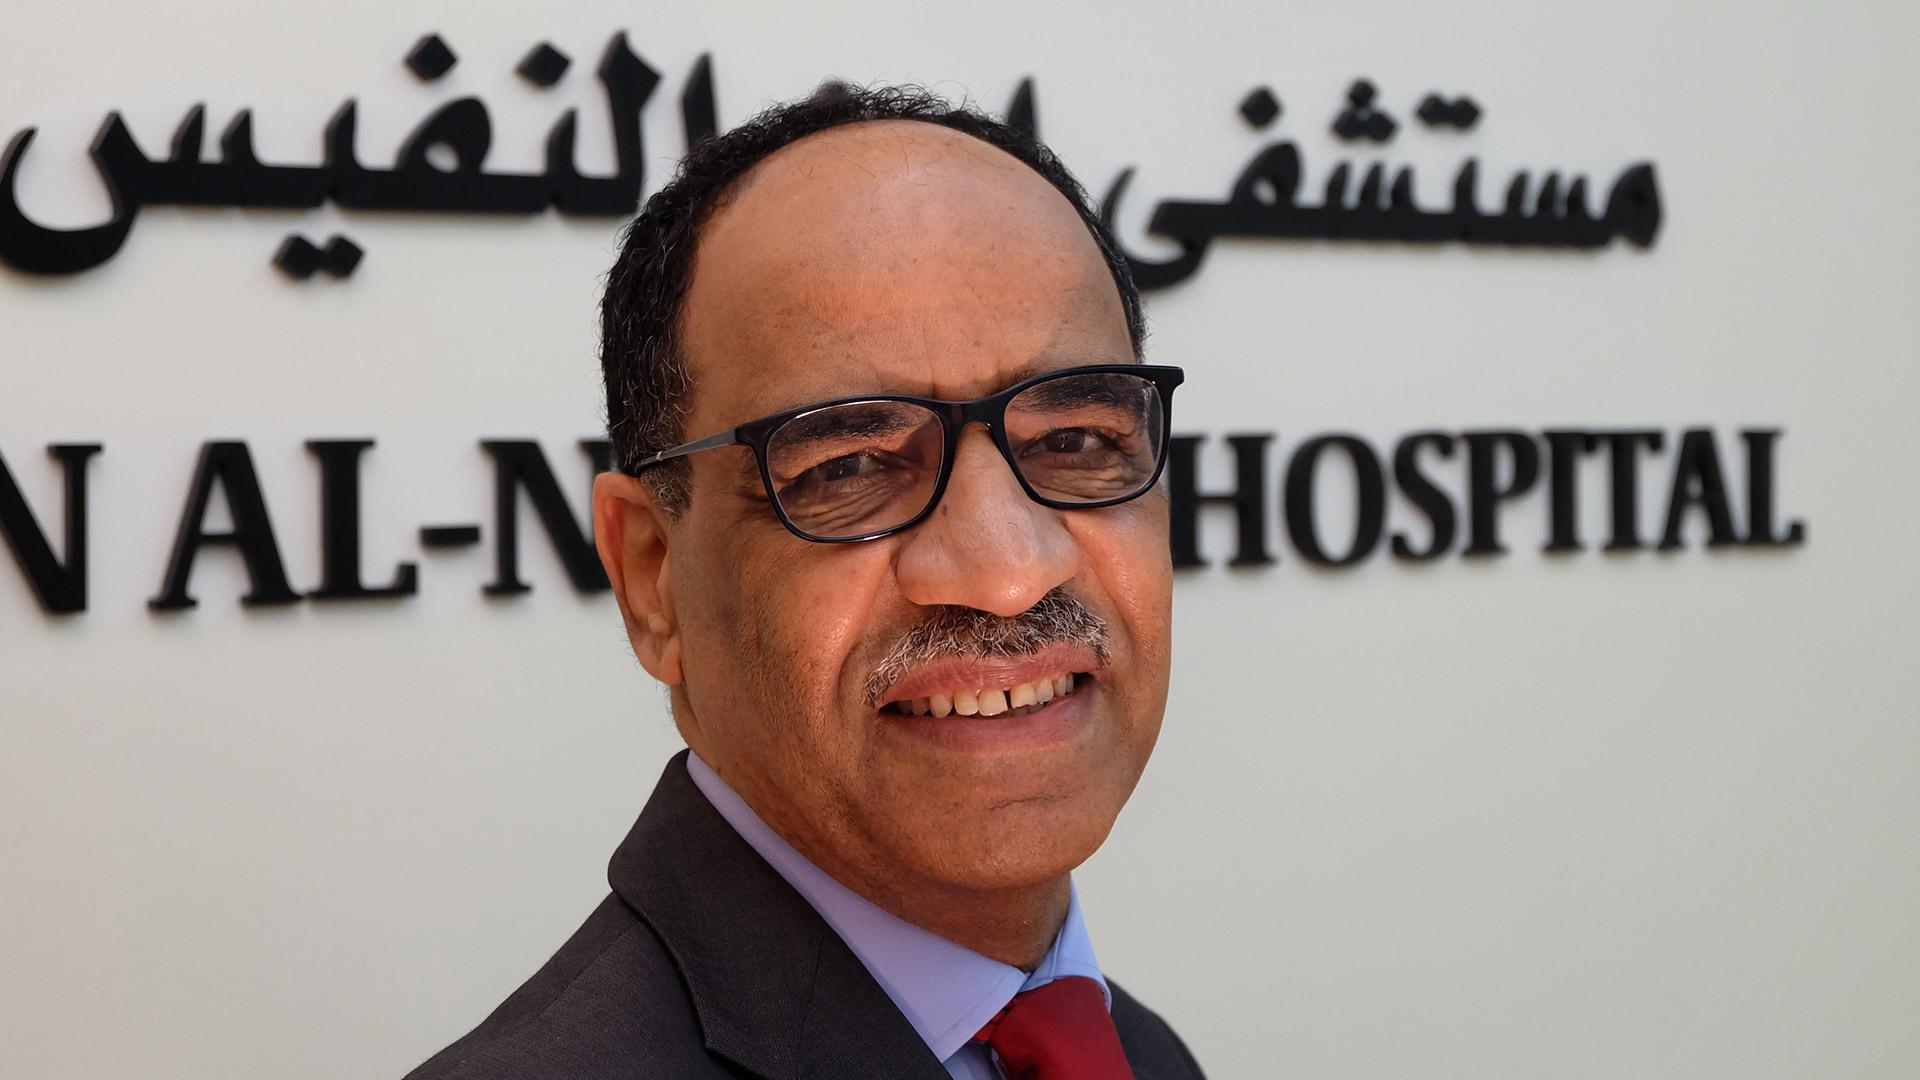 Dr. Abdulla Al-Ajmi